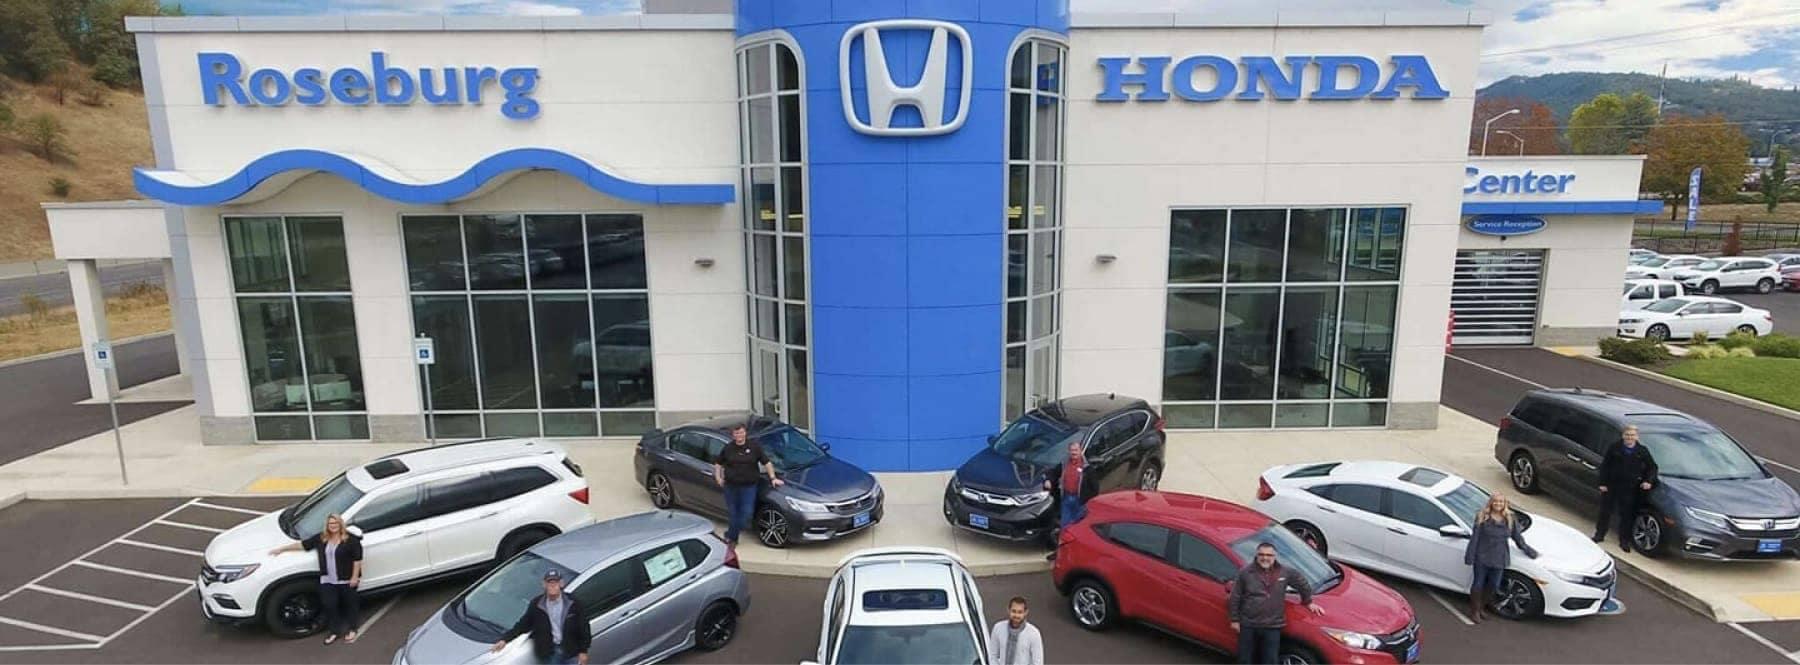 Roseburg Honda Dealership